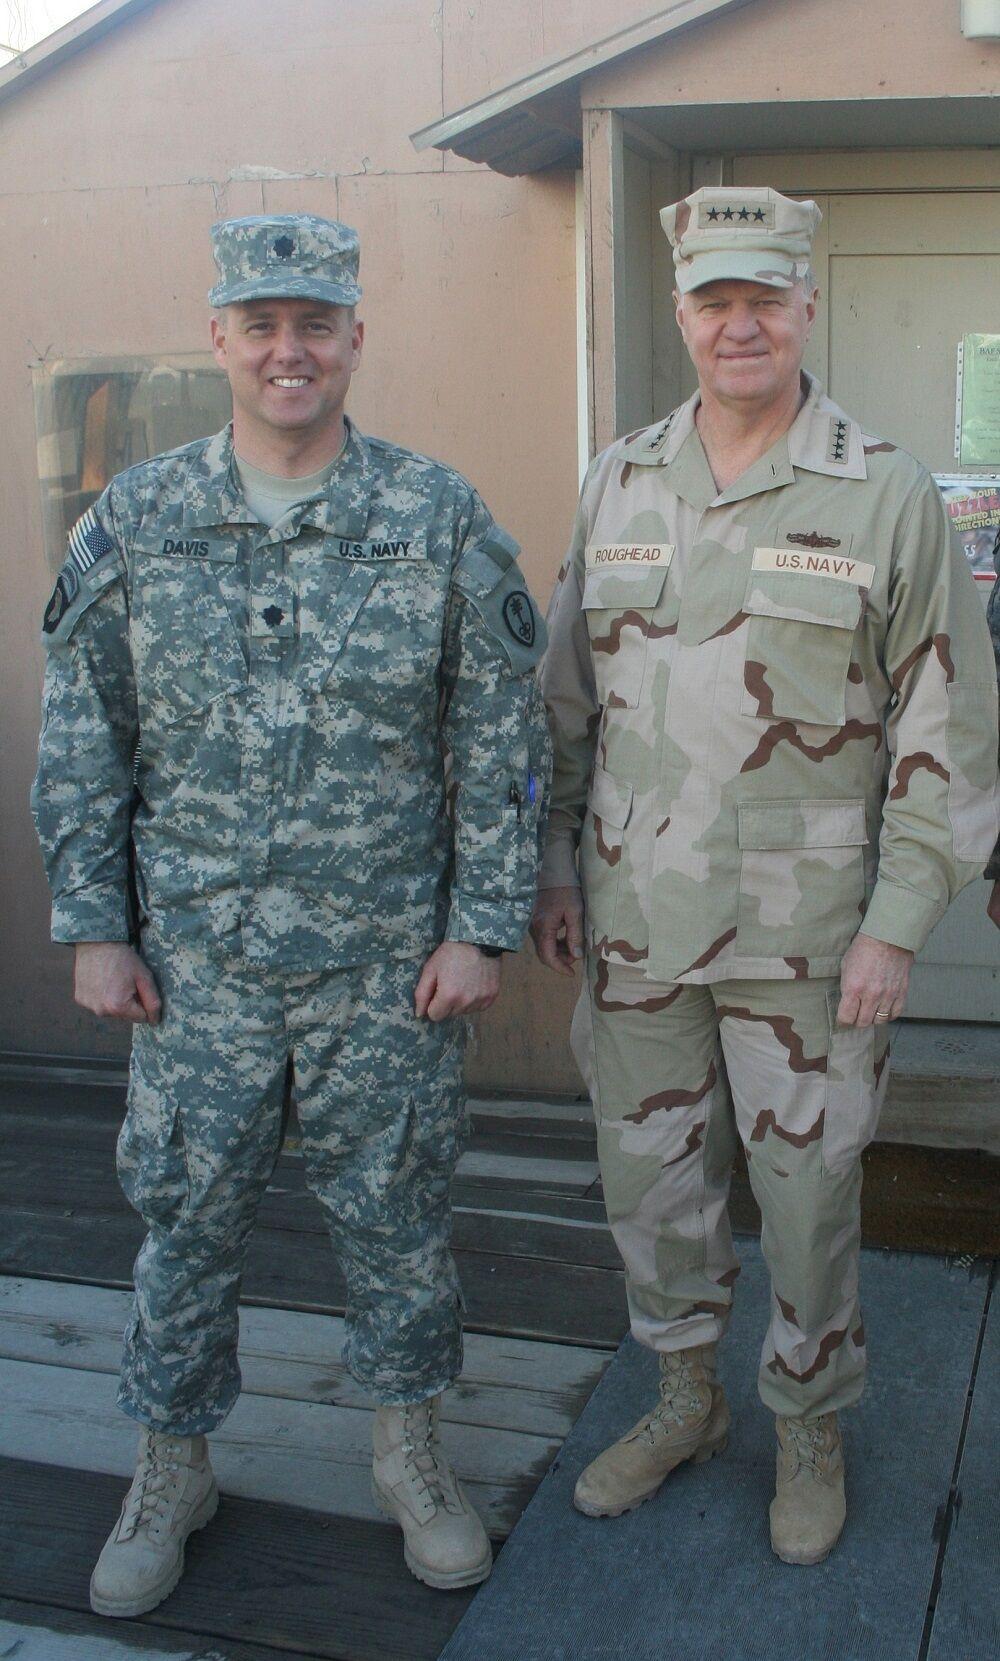 Afghan vet 1 two officerrs.jpg